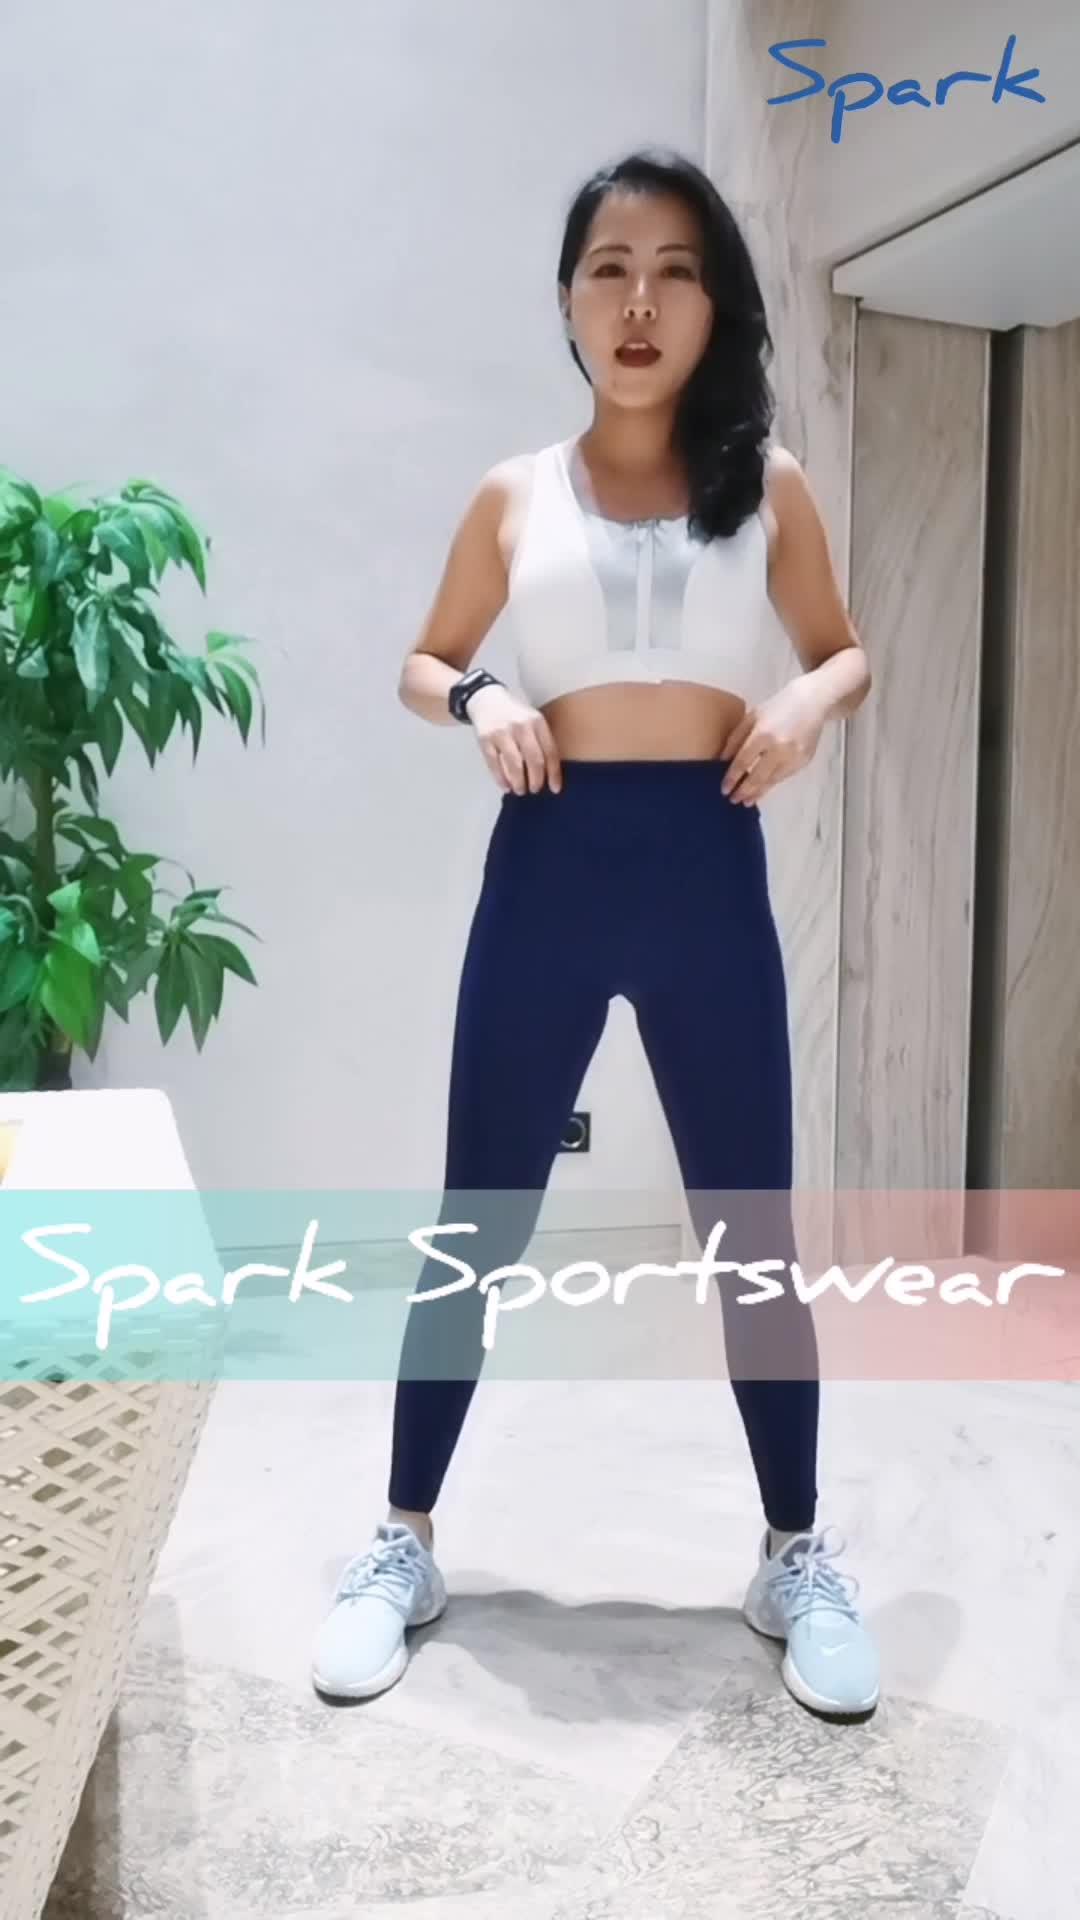 2019 Baru Tinta Percetakan Yoga Kebugaran Rompi Celana Olahraga Suit Yoga Suit Wanita